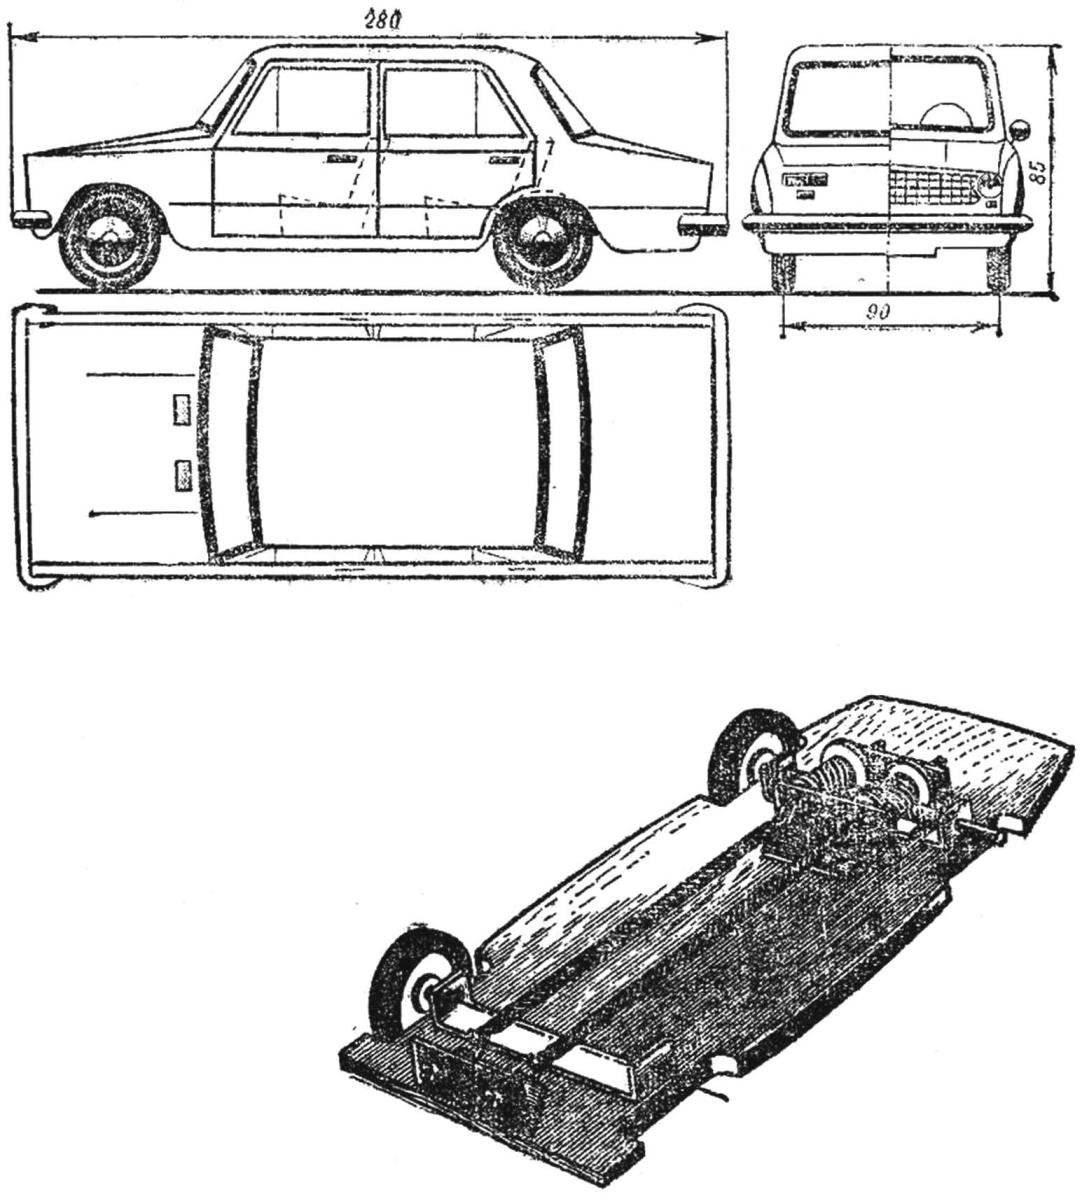 Схема модели автомобиля «Жигули» и внешний вид шасси.